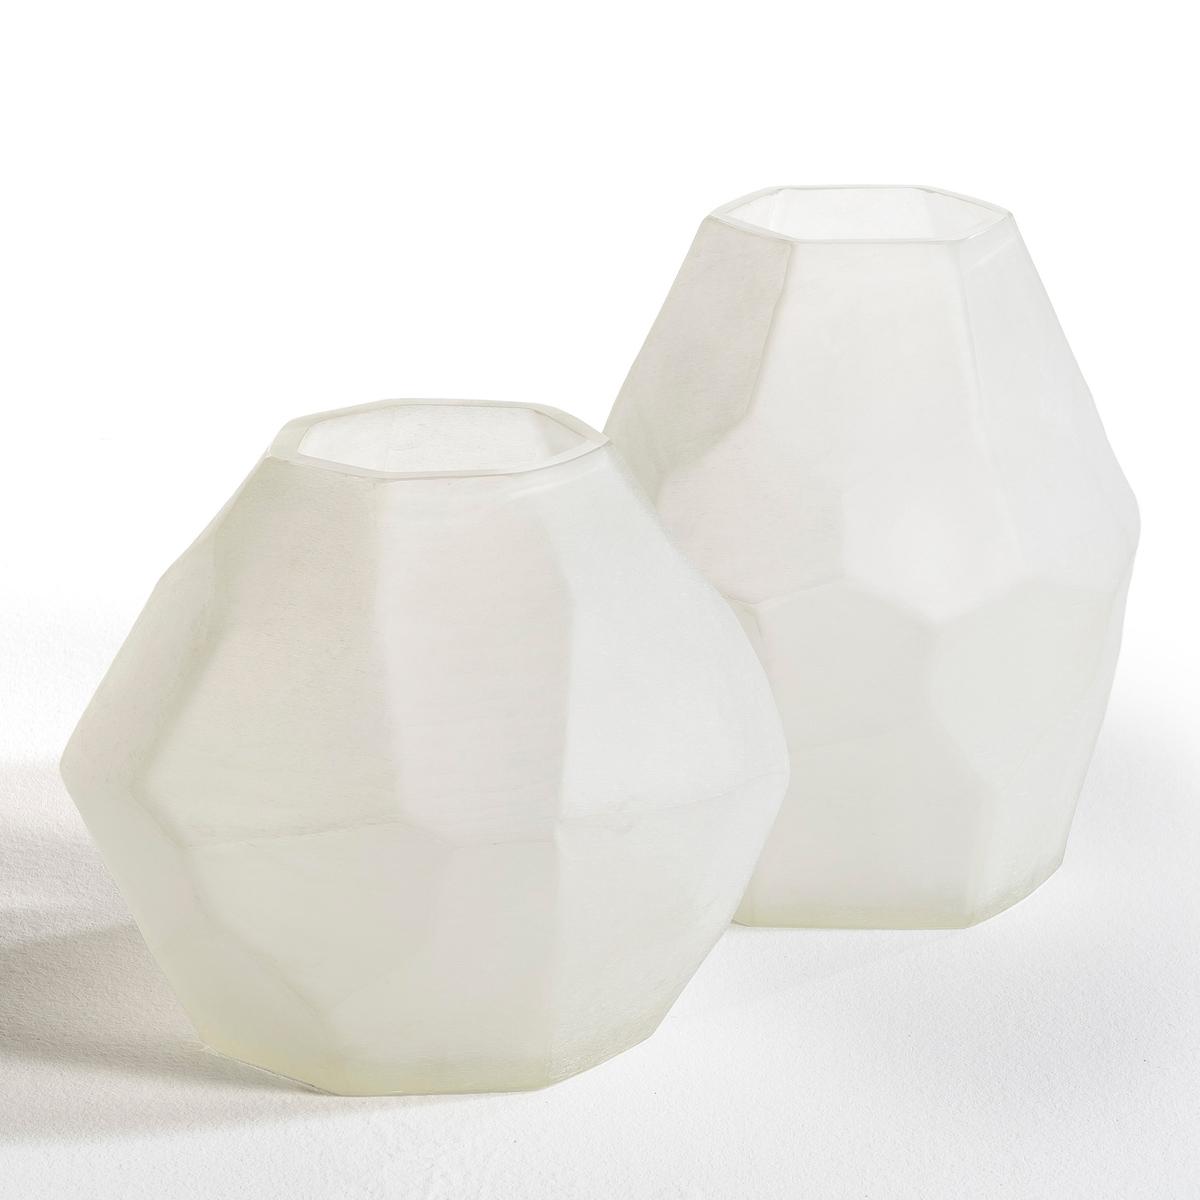 Ваза TelaГраненая ваза Tela.Характеристики: :- Из белого стекла с пескоструйной обработкой.Размеры :- Высота.29 x Диаметр.24 см<br><br>Цвет: песочно-белый